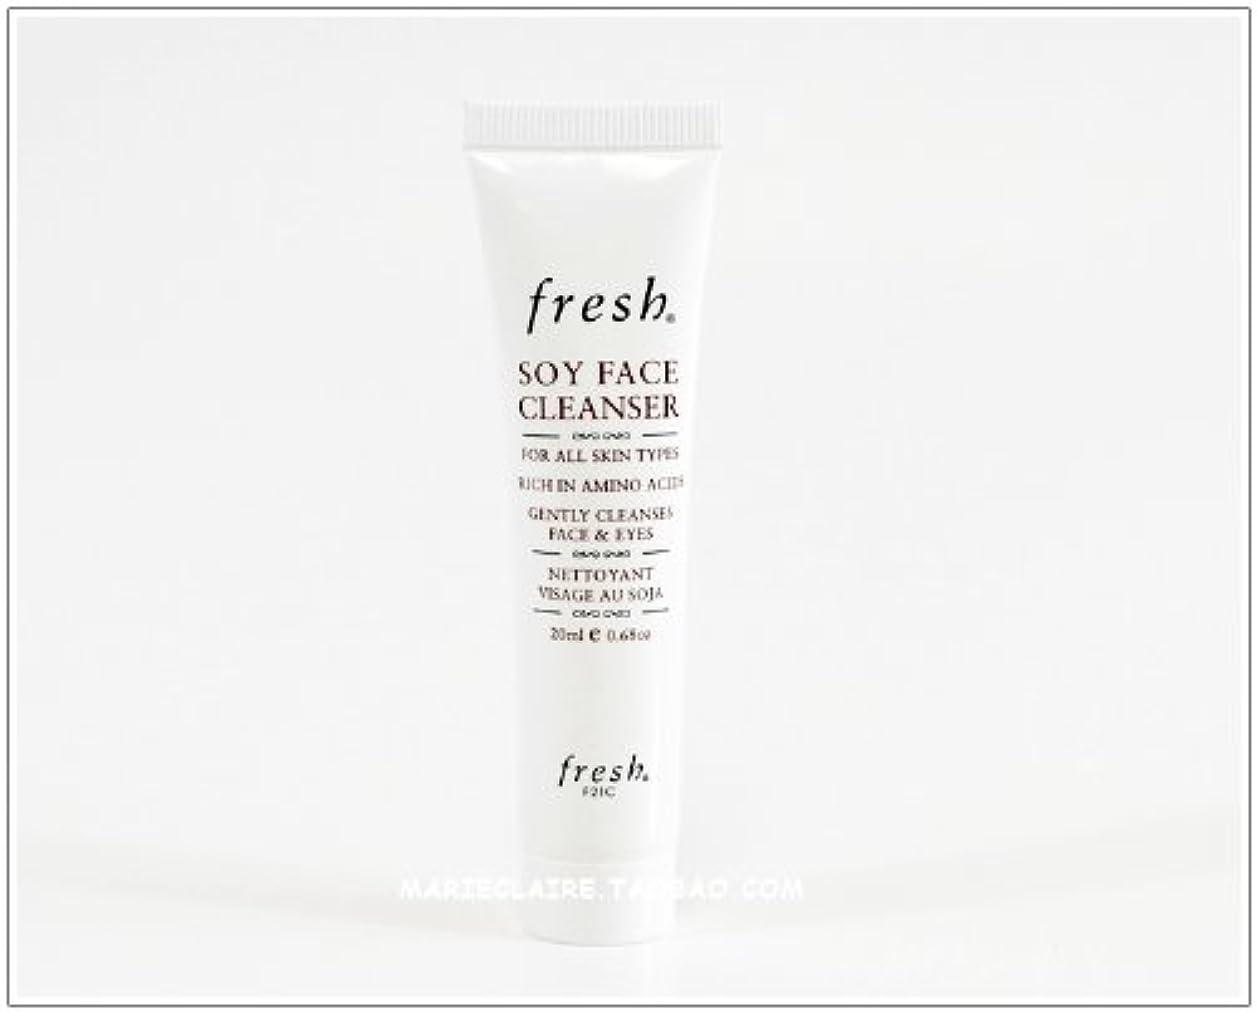 ママ転倒戦略Fresh SOY FACE CLEANSER (フレッシュ ソイ フェイス クレンザー) 0.6 oz (20ml) トラベルサイズ by Fresh for Women